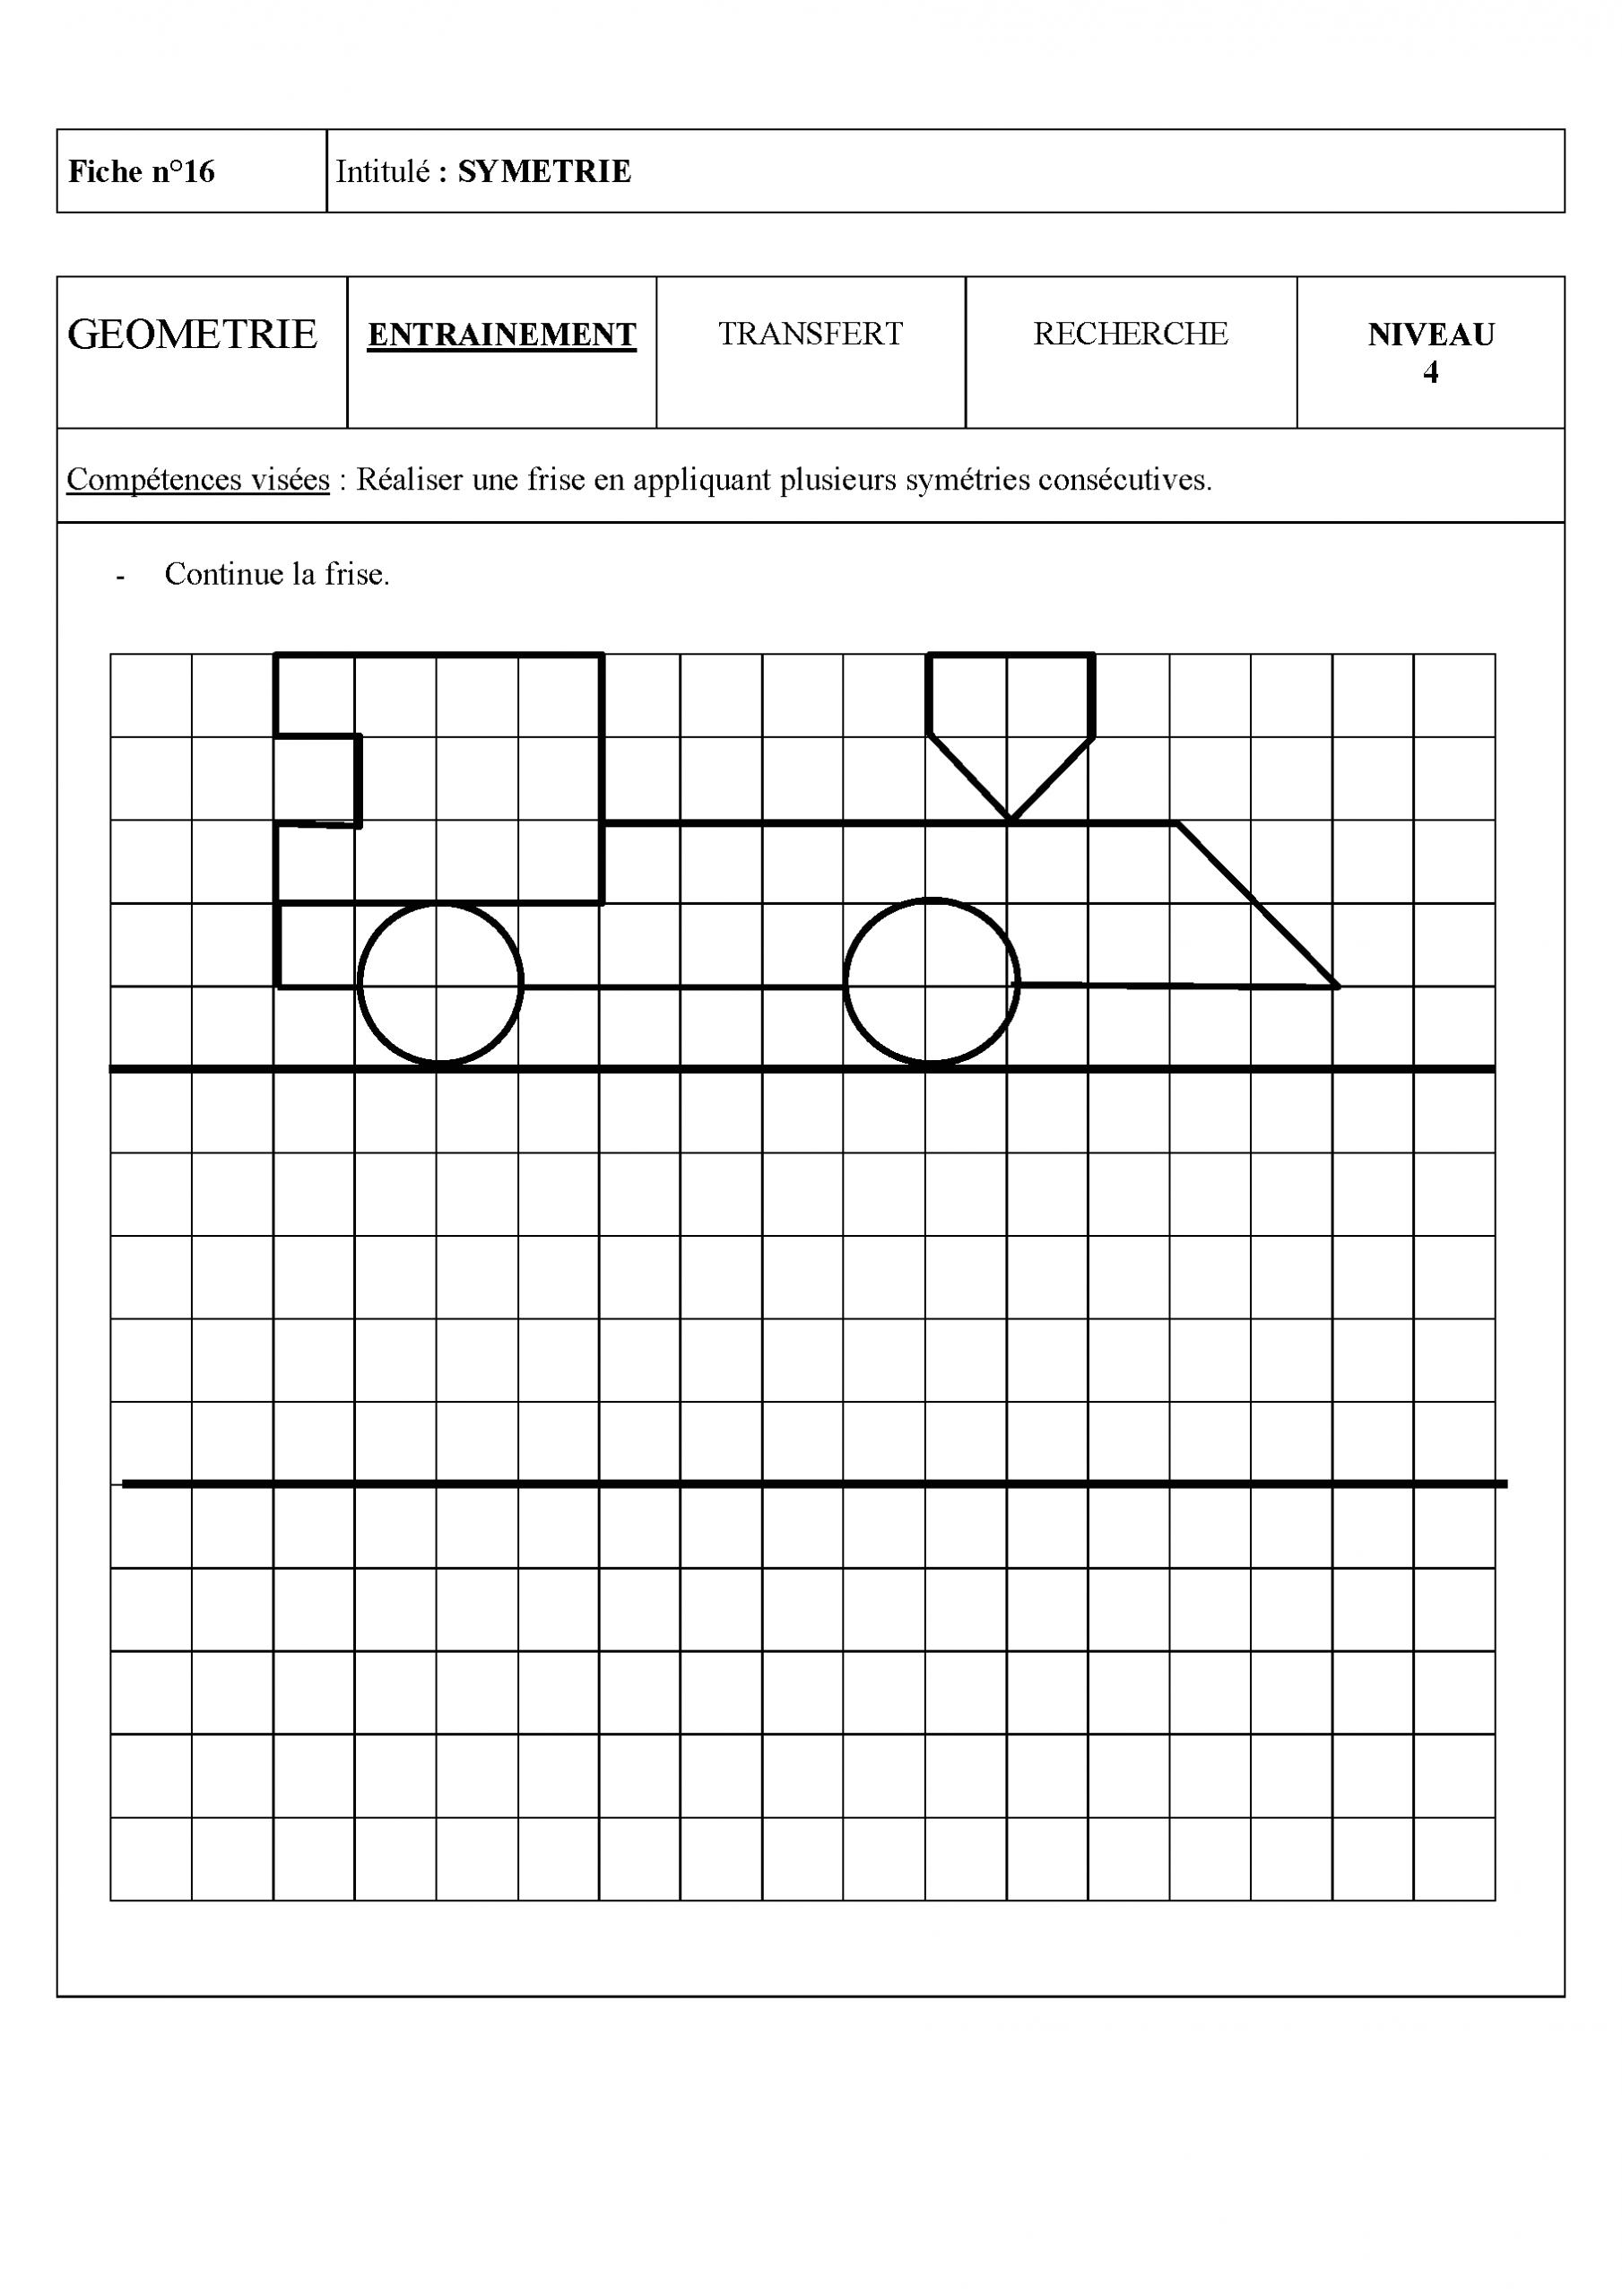 Épinglé Sur School / Ecole à Symétrie Axial